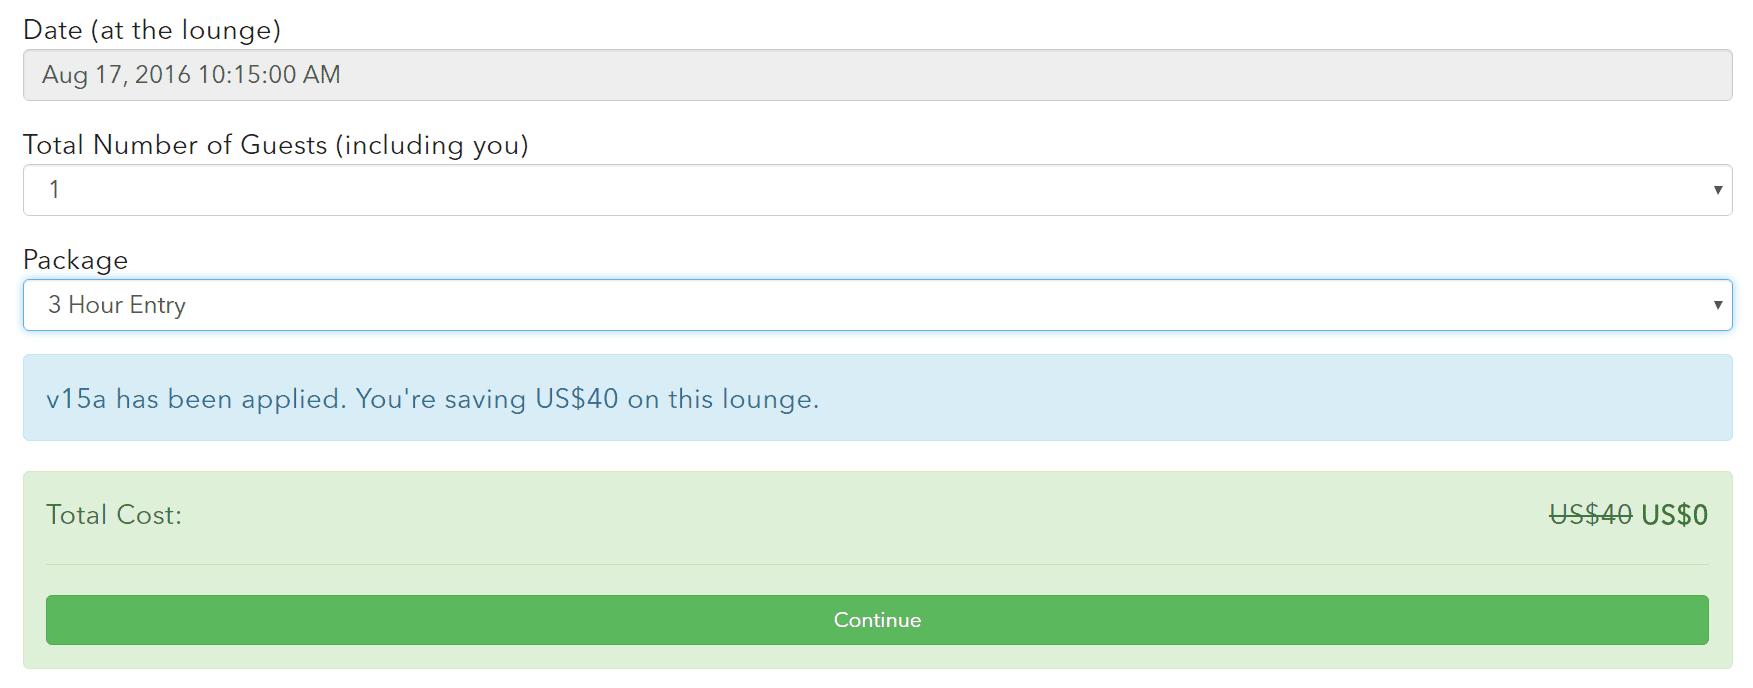 LoungeBuddy Purchase